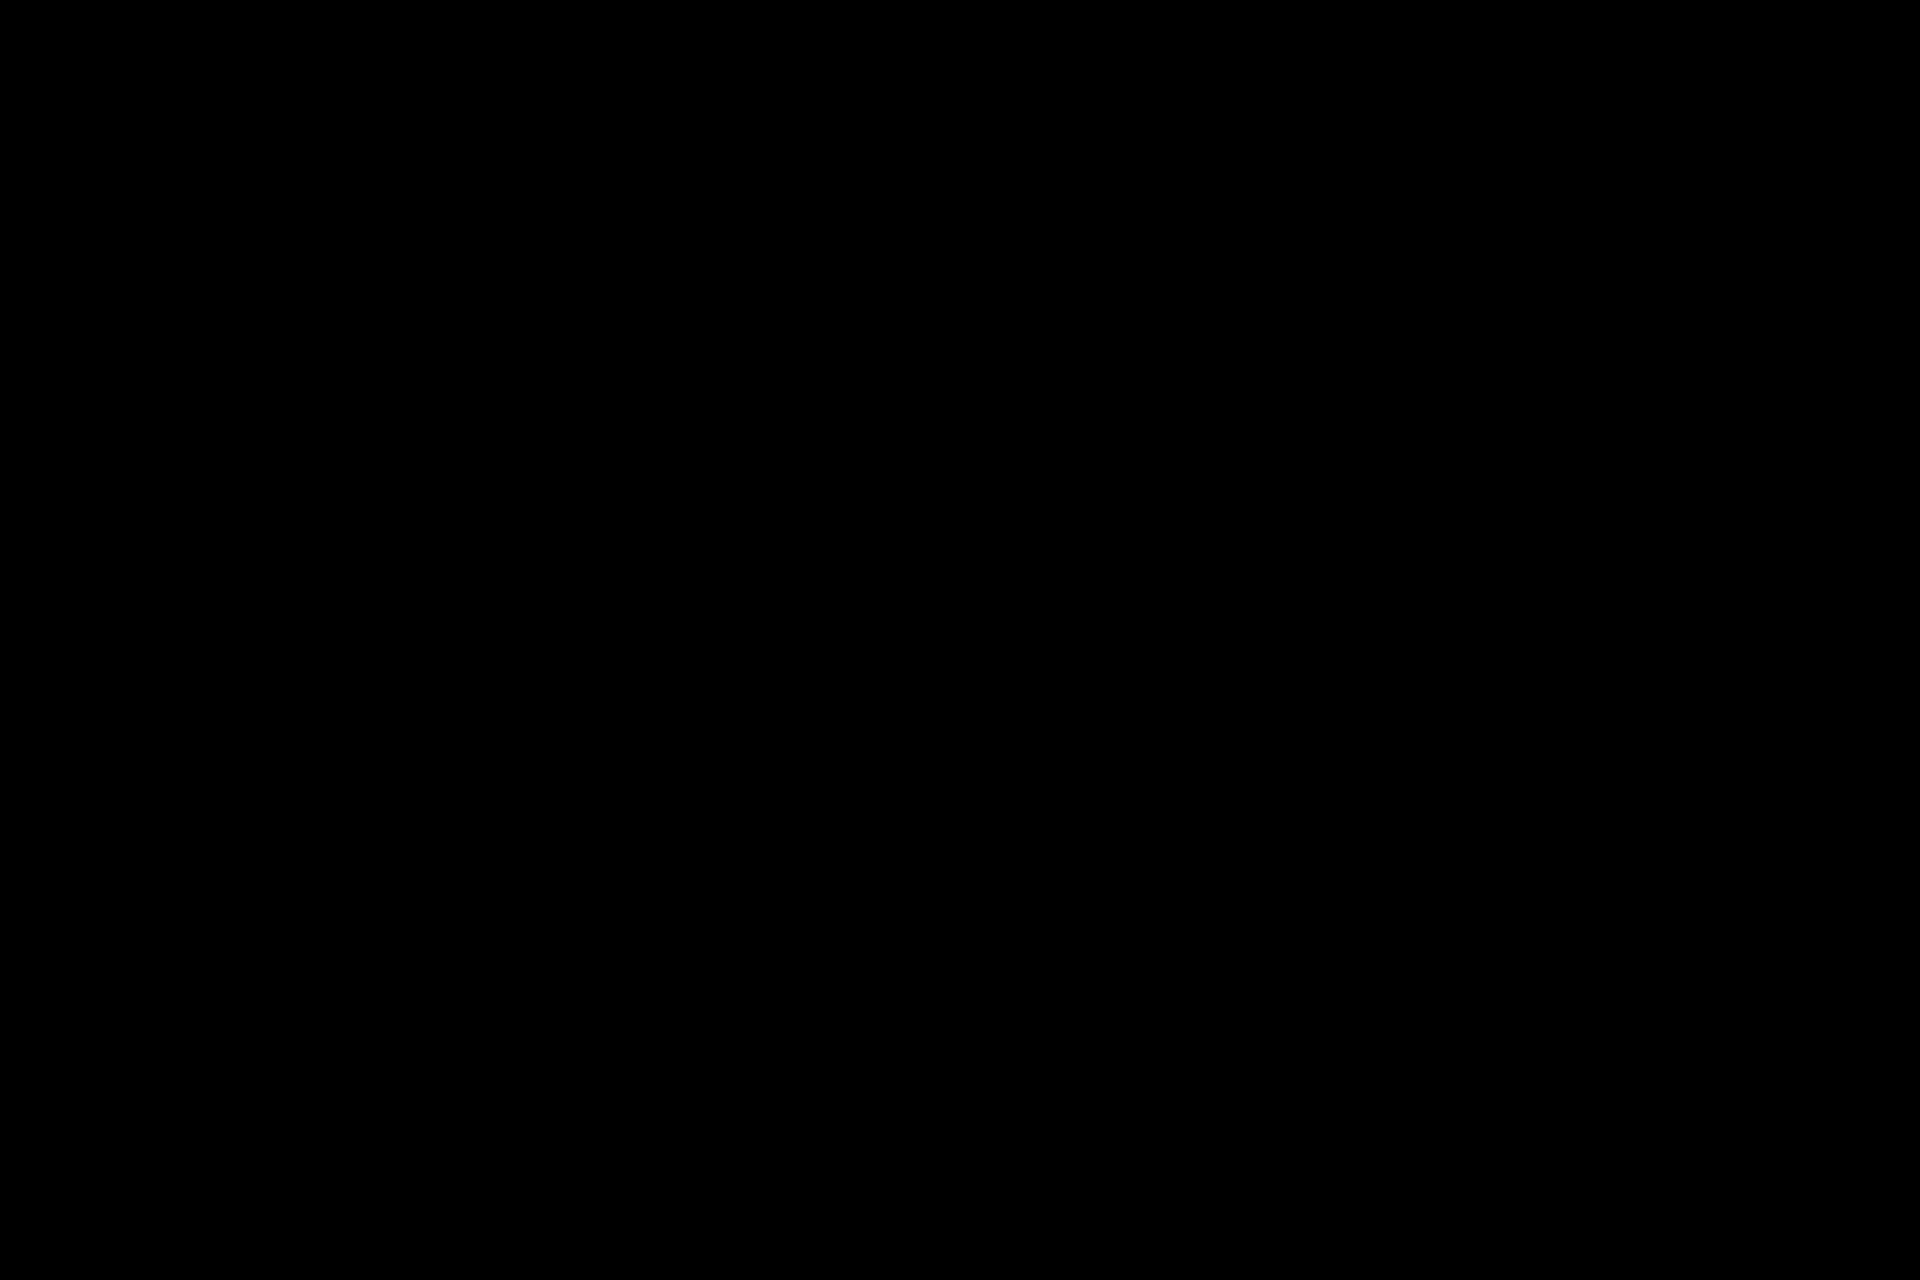 DSCF5154